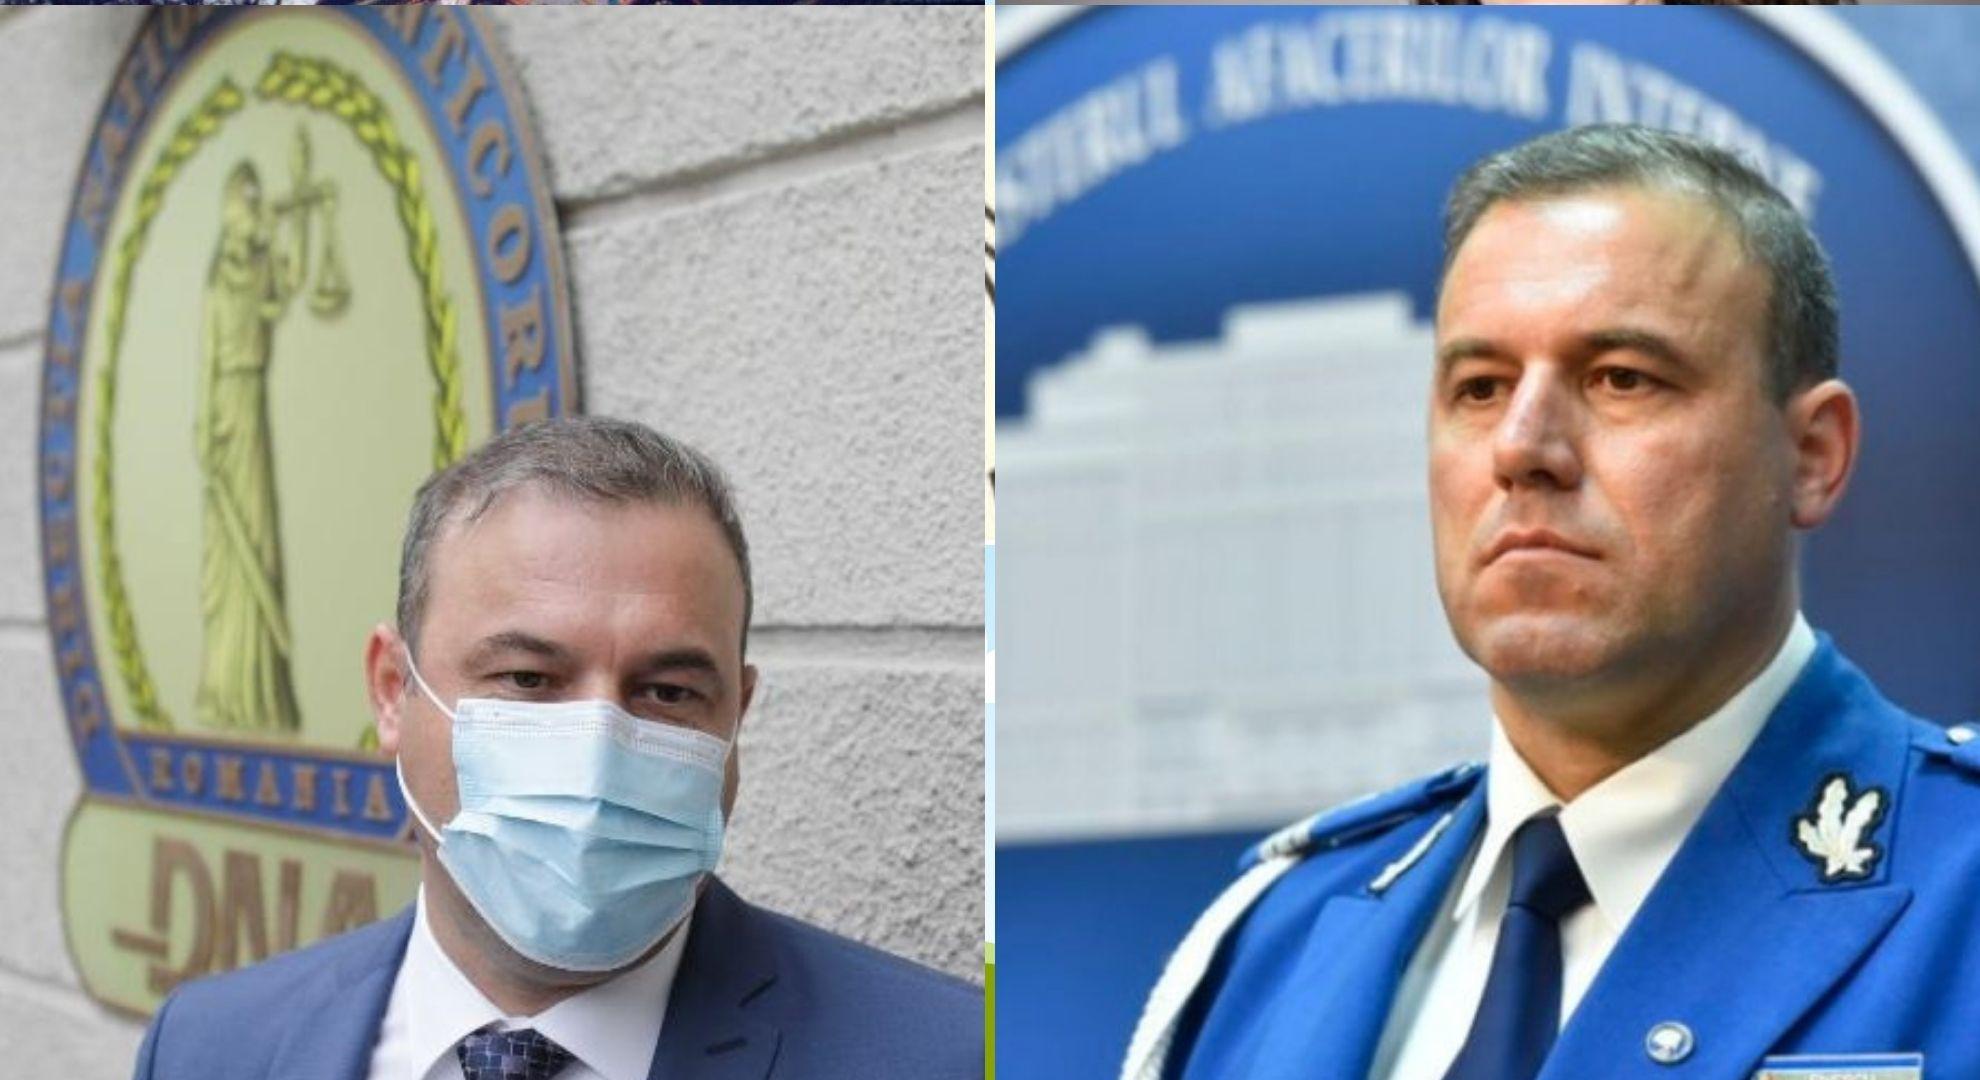 Șeful Jandarmeriei, audiat de DNA după ce s-a pontat cu 900 de ore suplimentare